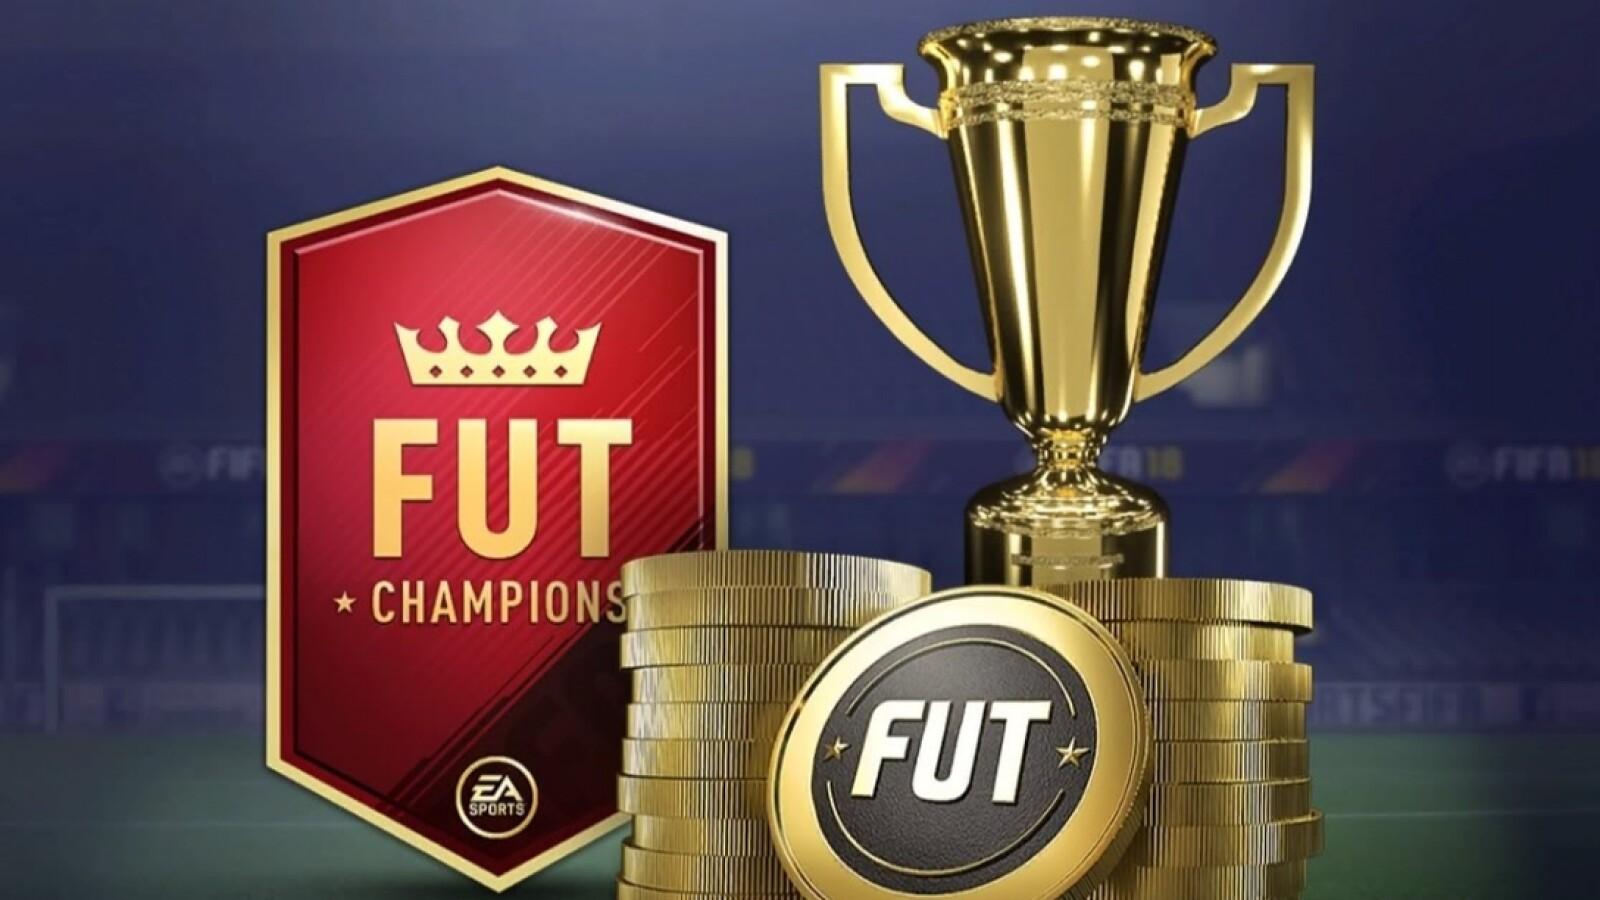 Fifa 18 Ultimate Team Mehr Münzen Verdienen Tipps Für Mehr Coins